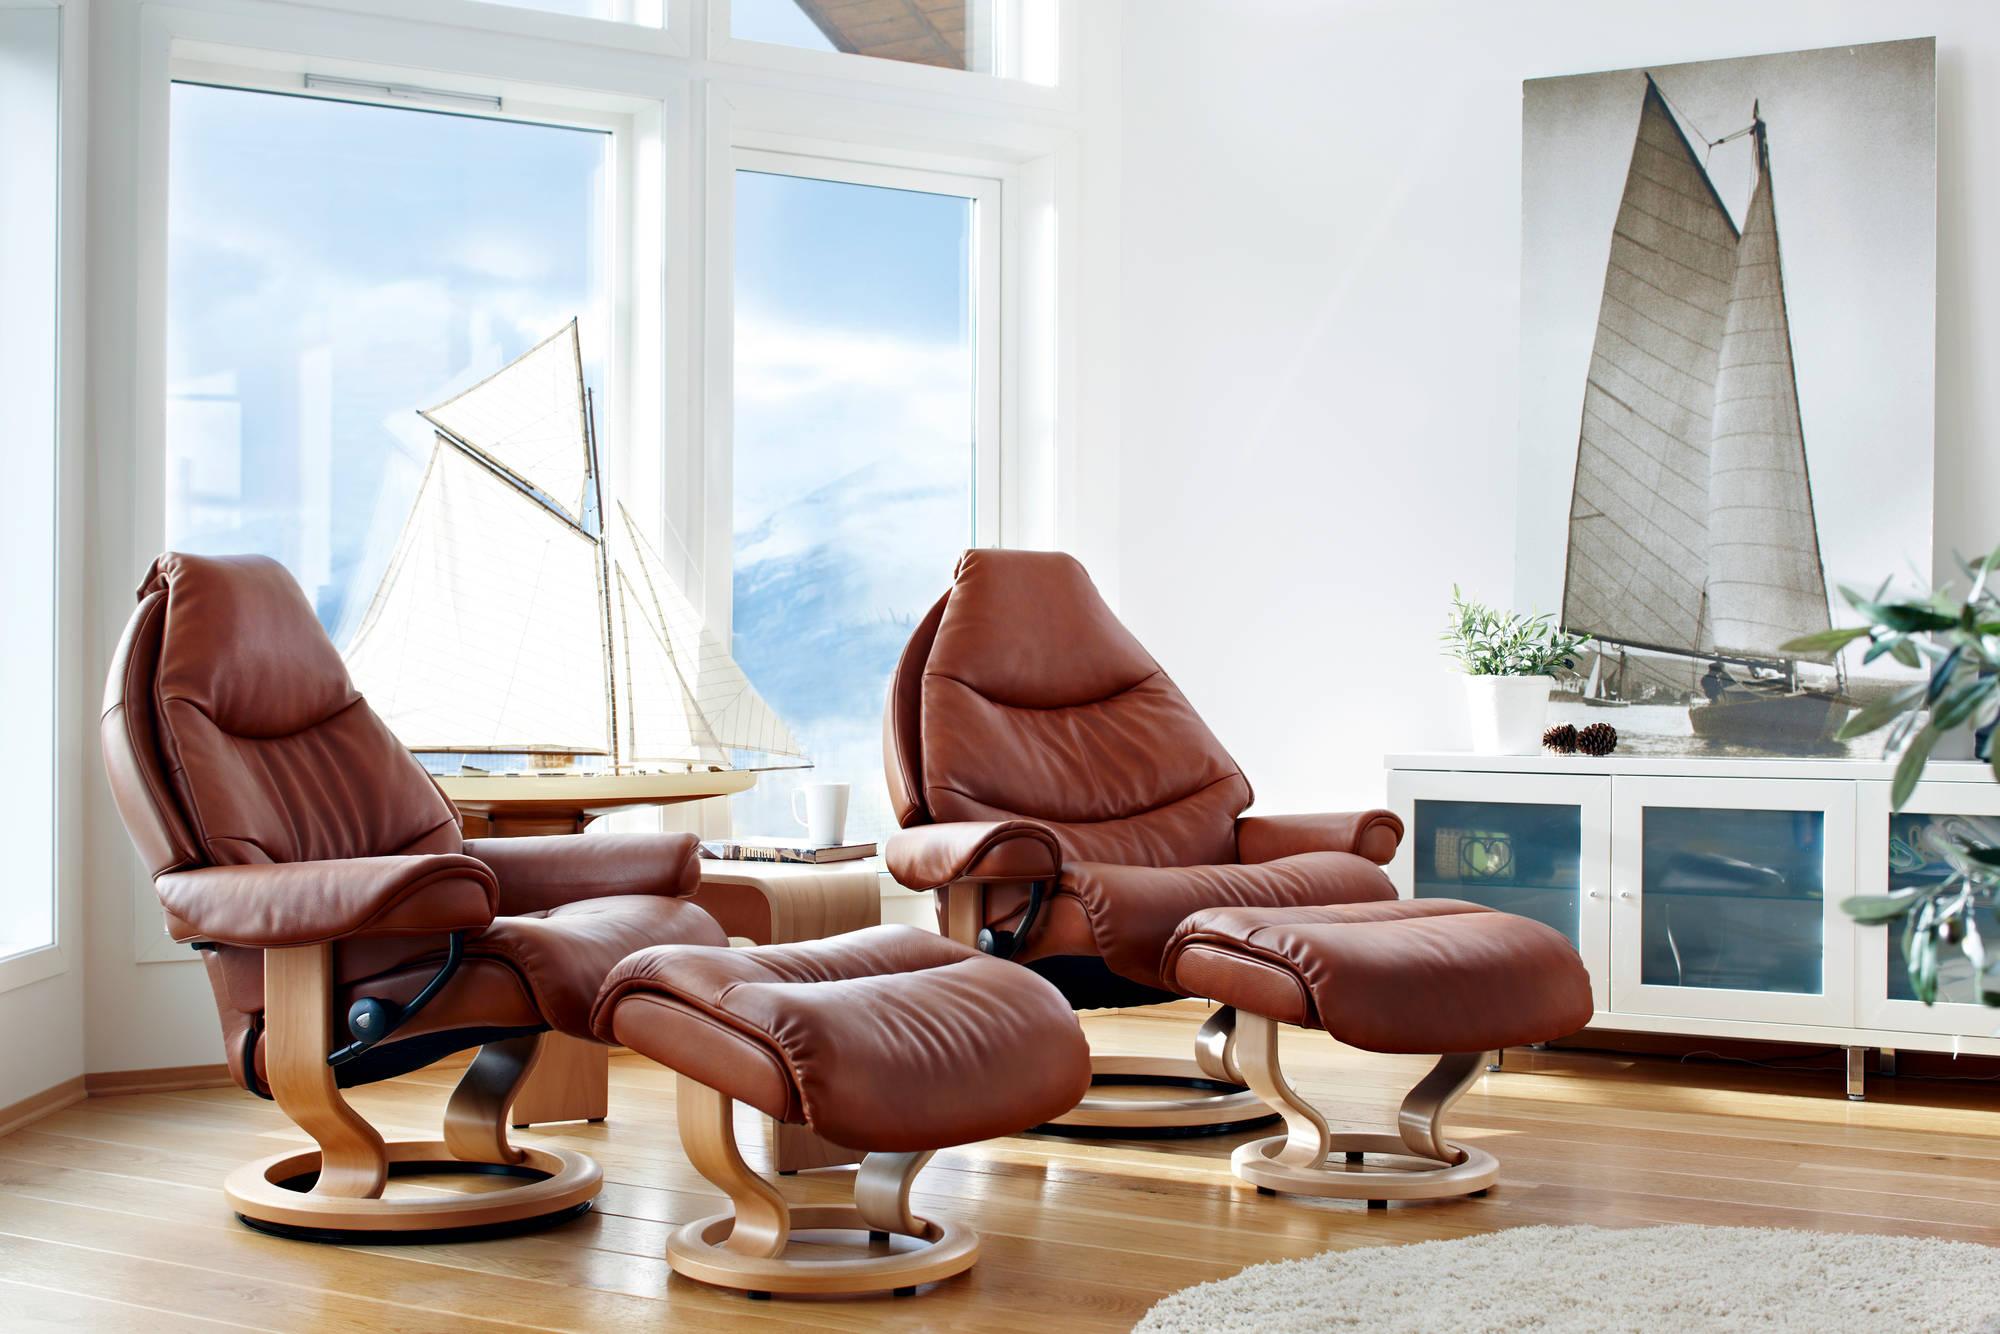 Кресло-реклайнер — удобный отдых в любое время (22 фото)